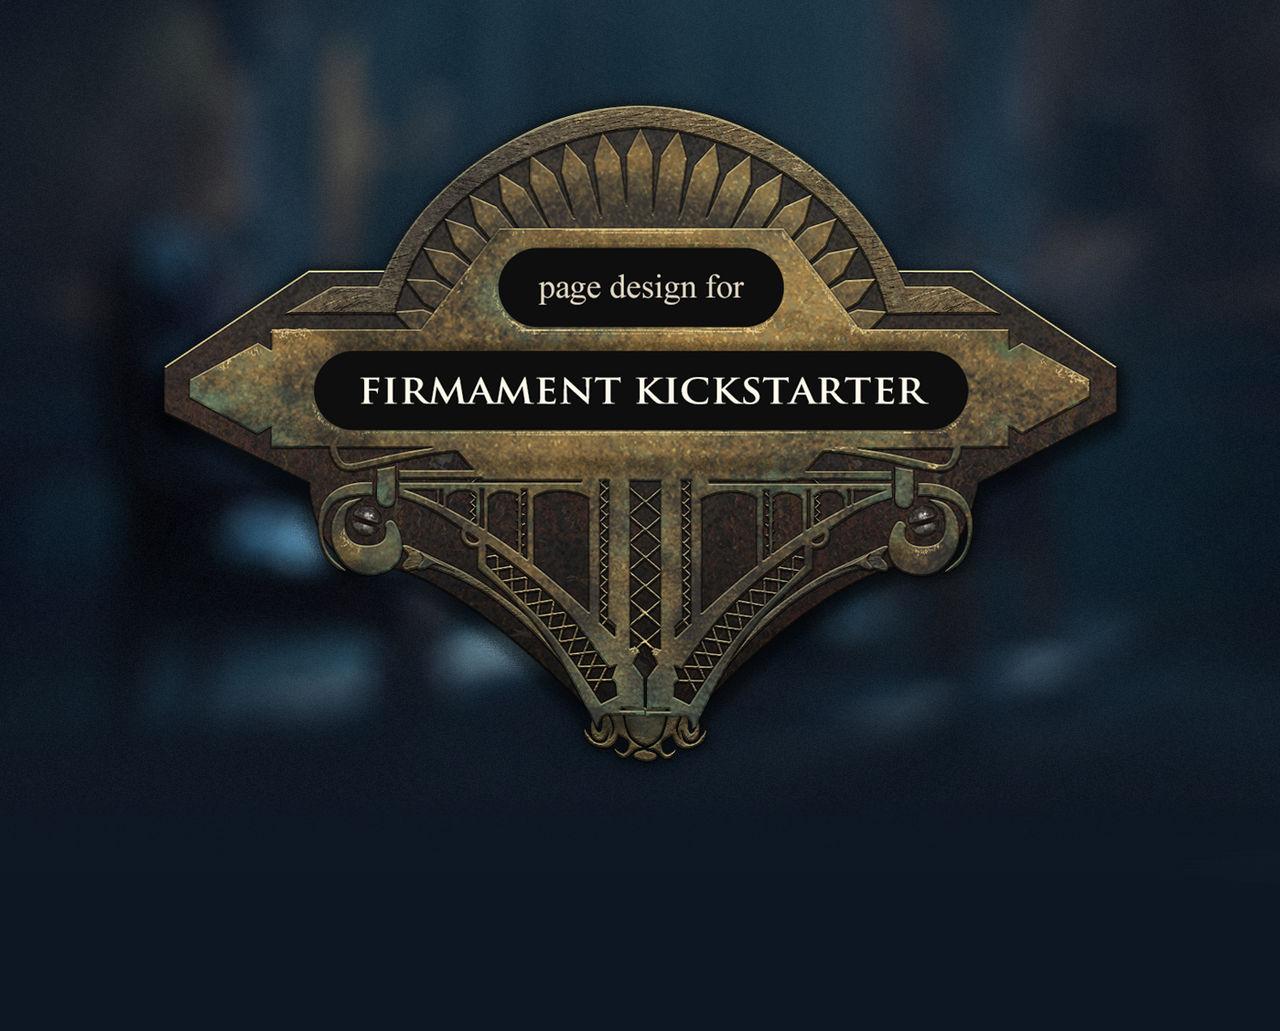 Firmament Kickstarter